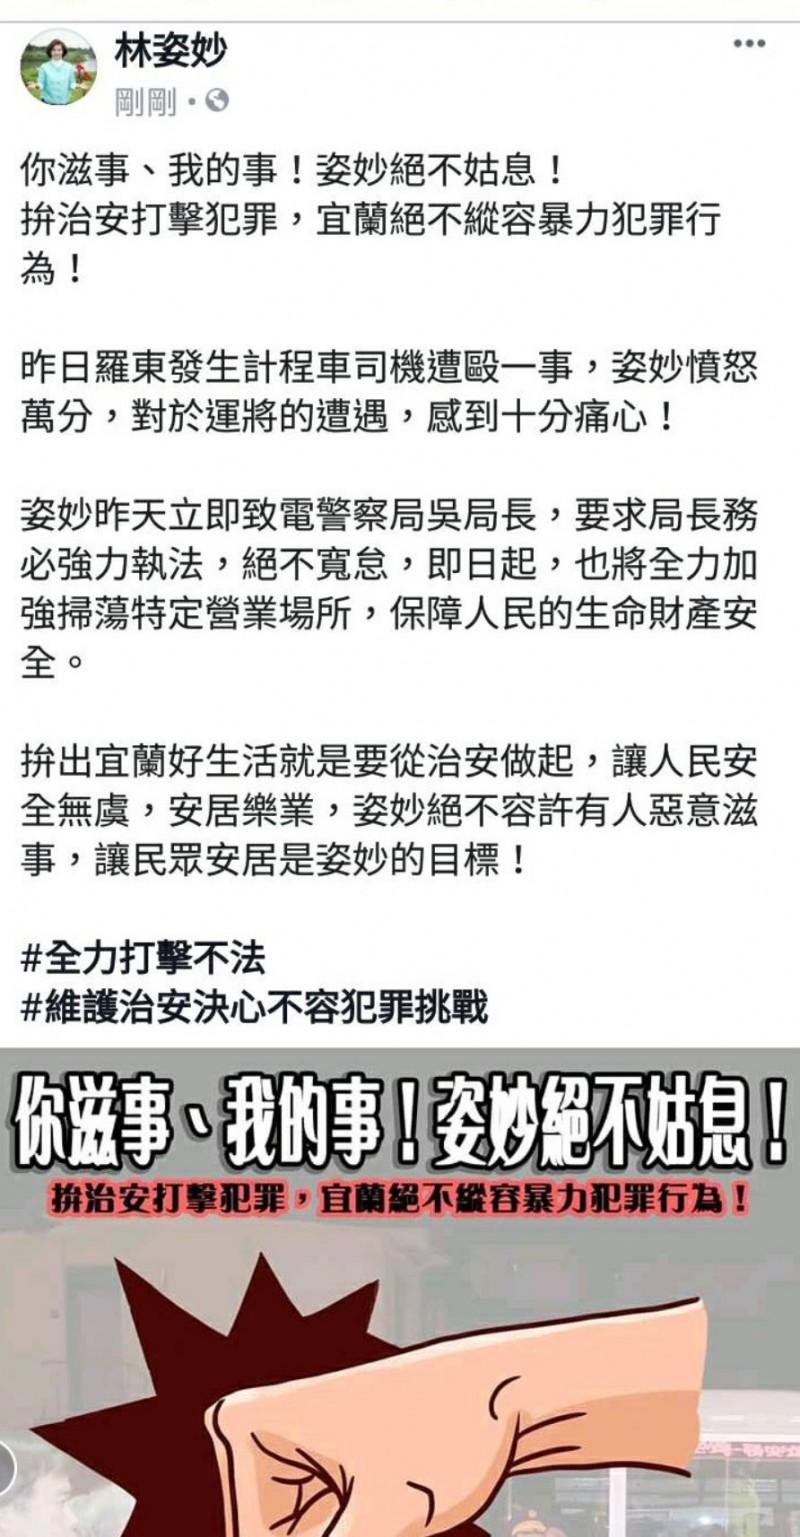 宜蘭縣長林姿妙在臉書粉專PO文,強調絕不縱容暴力犯罪行為。(圖擷取林姿妙臉書粉專)